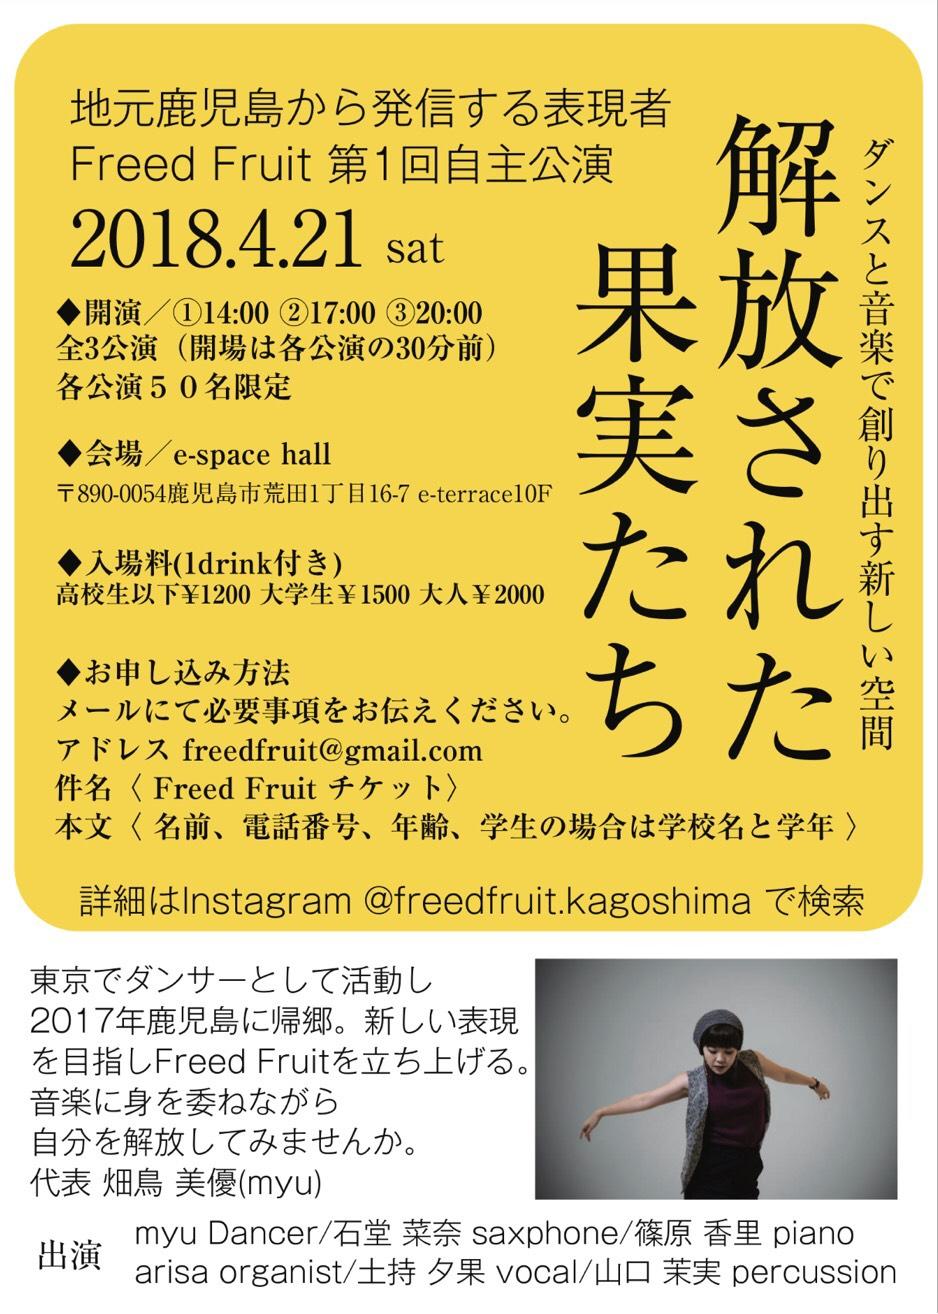 Freed Fruit 第1回自主公演「解放された果実たち」 2018.04.21